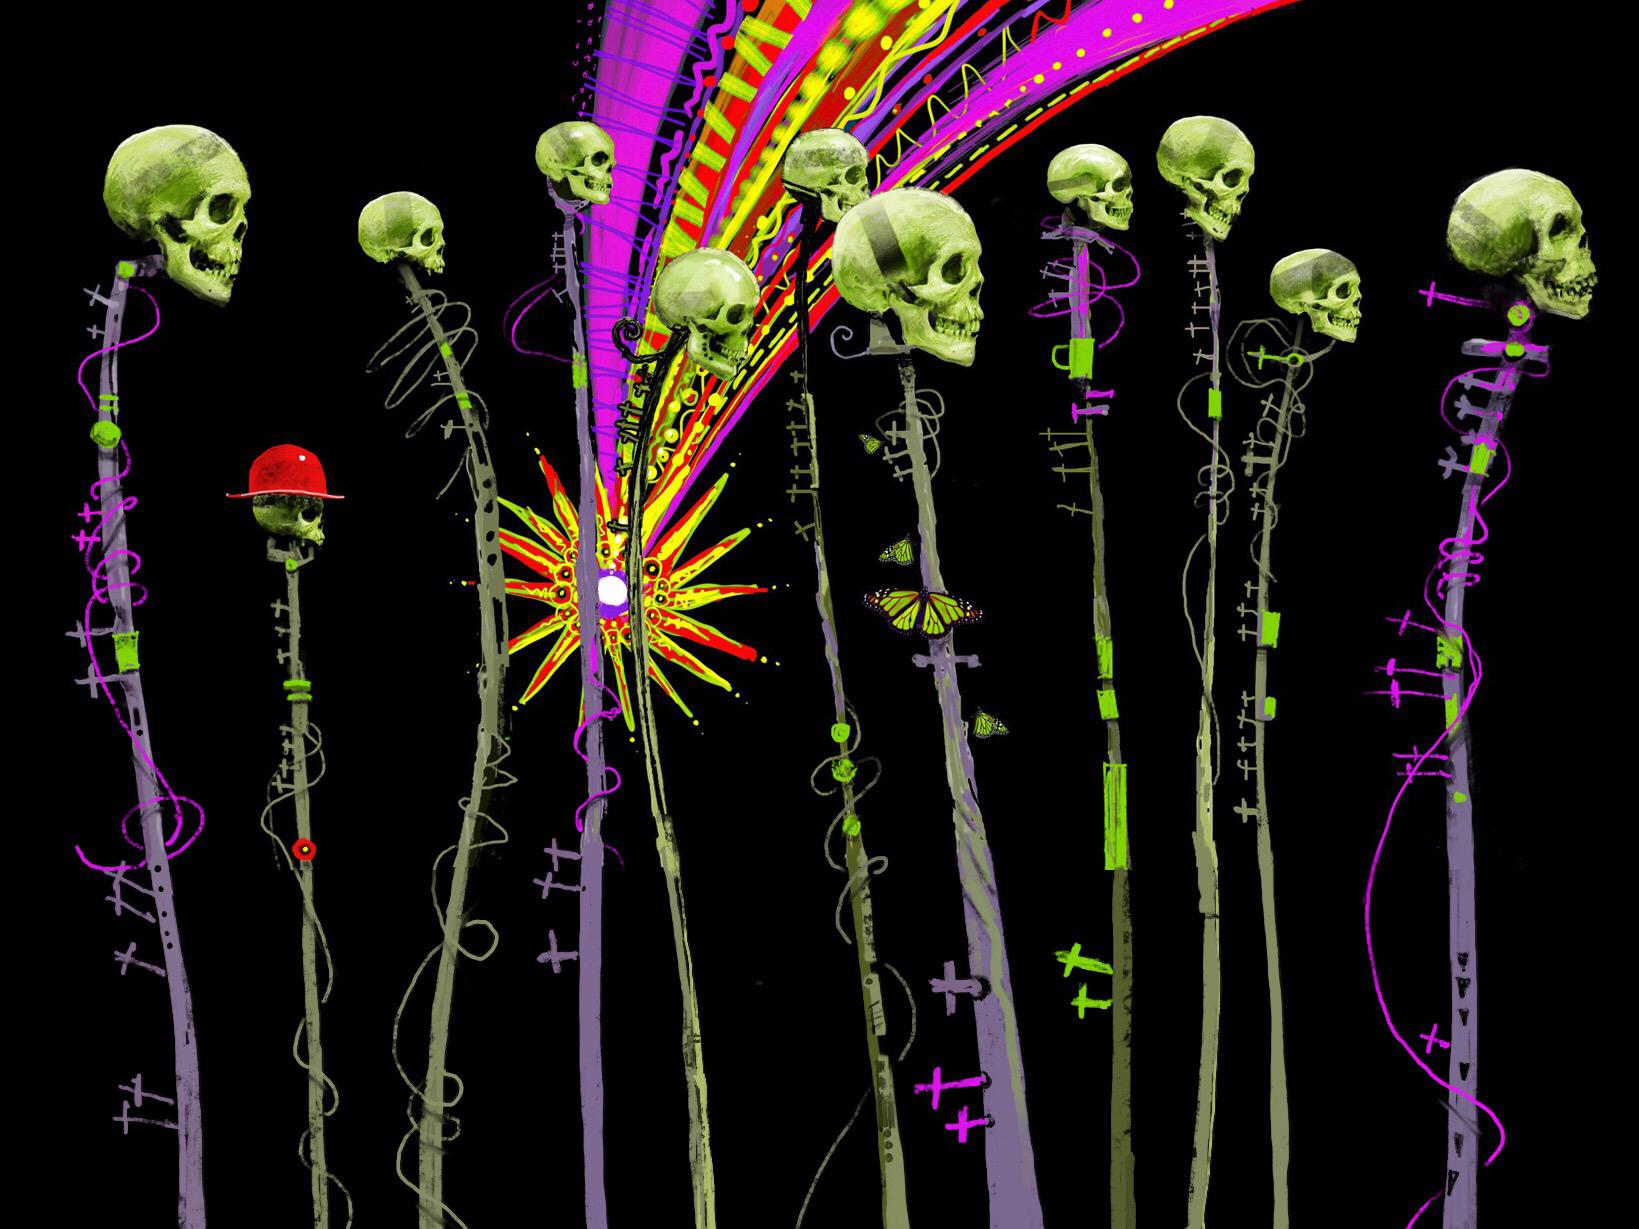 Skull_Parade_1_4x3.jpg